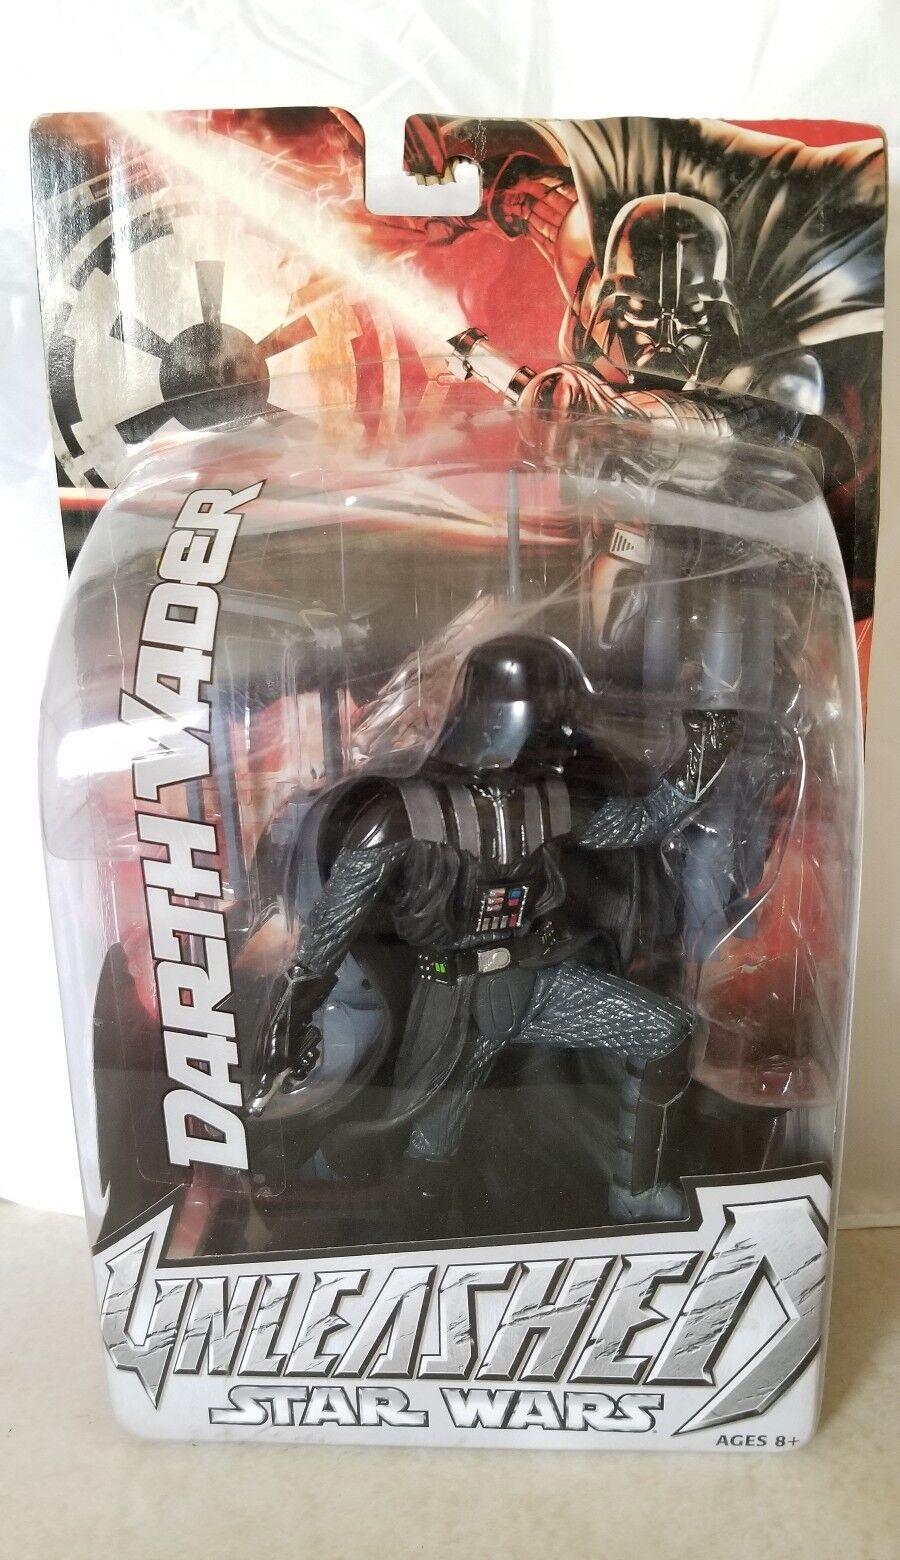 Star Wars Unleashed Darth Vader 2004 Damaged card